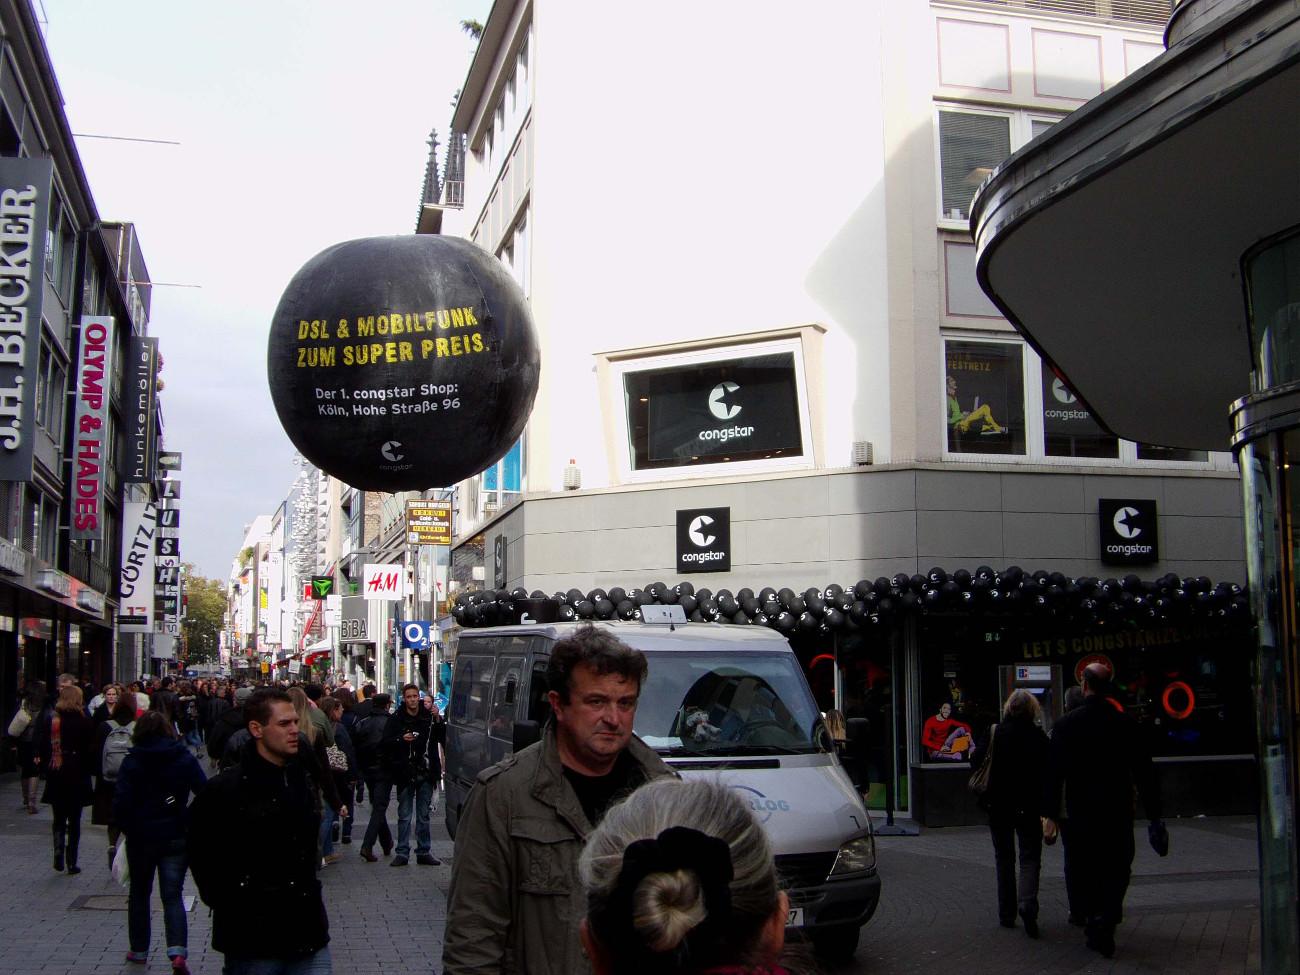 Heliumballon-Werbung AirBalls Promo in der Fußgängerzone für Congstar